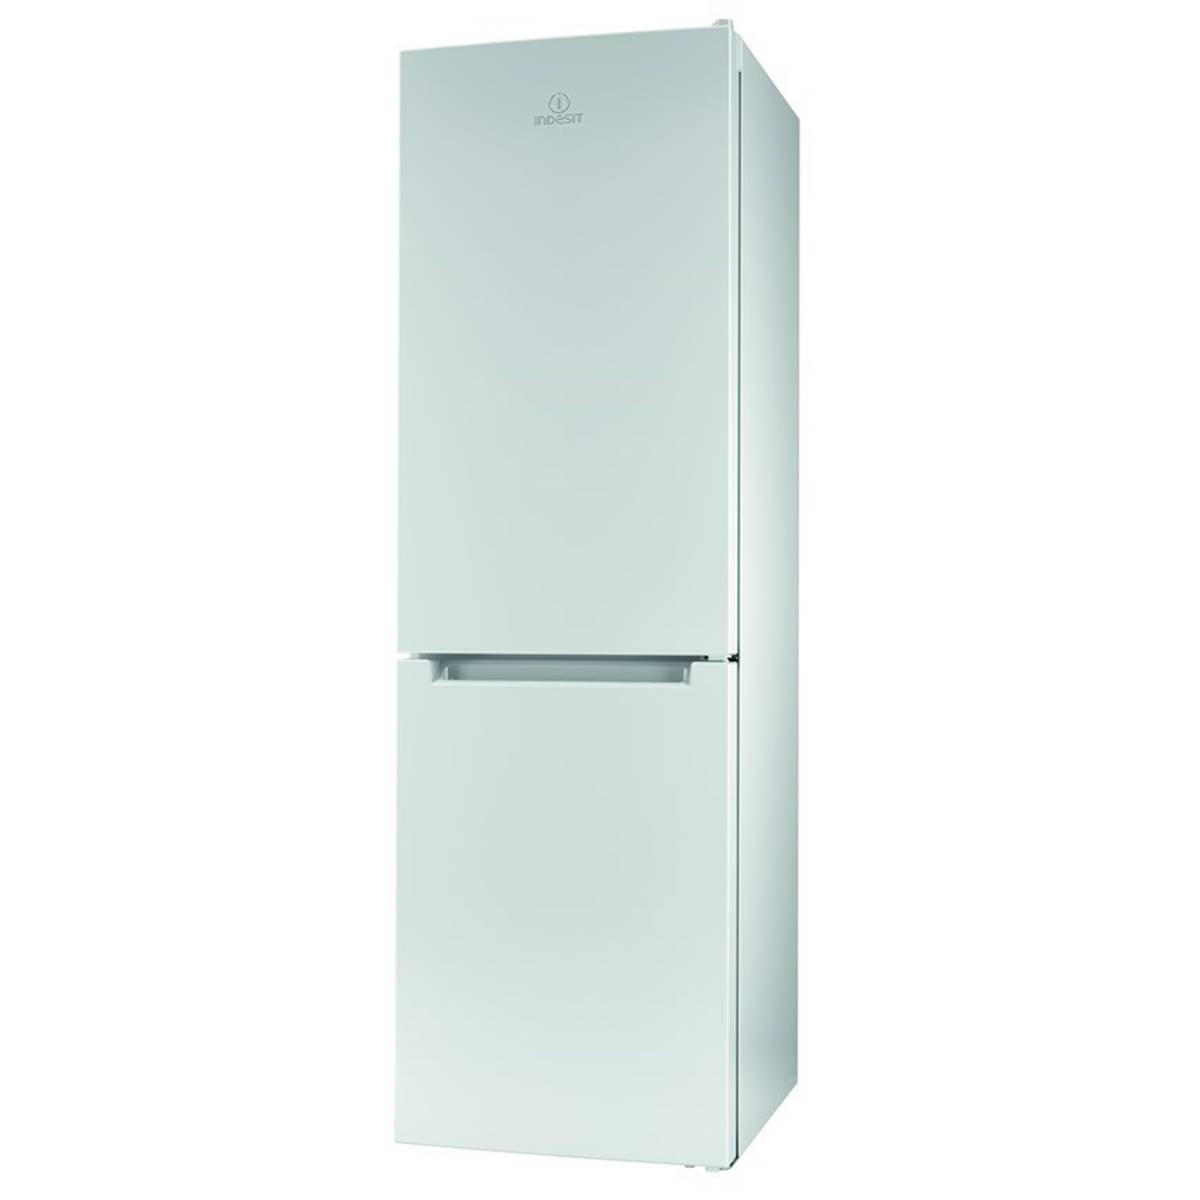 refrigerateur combine indesit lr8s1fw. Black Bedroom Furniture Sets. Home Design Ideas